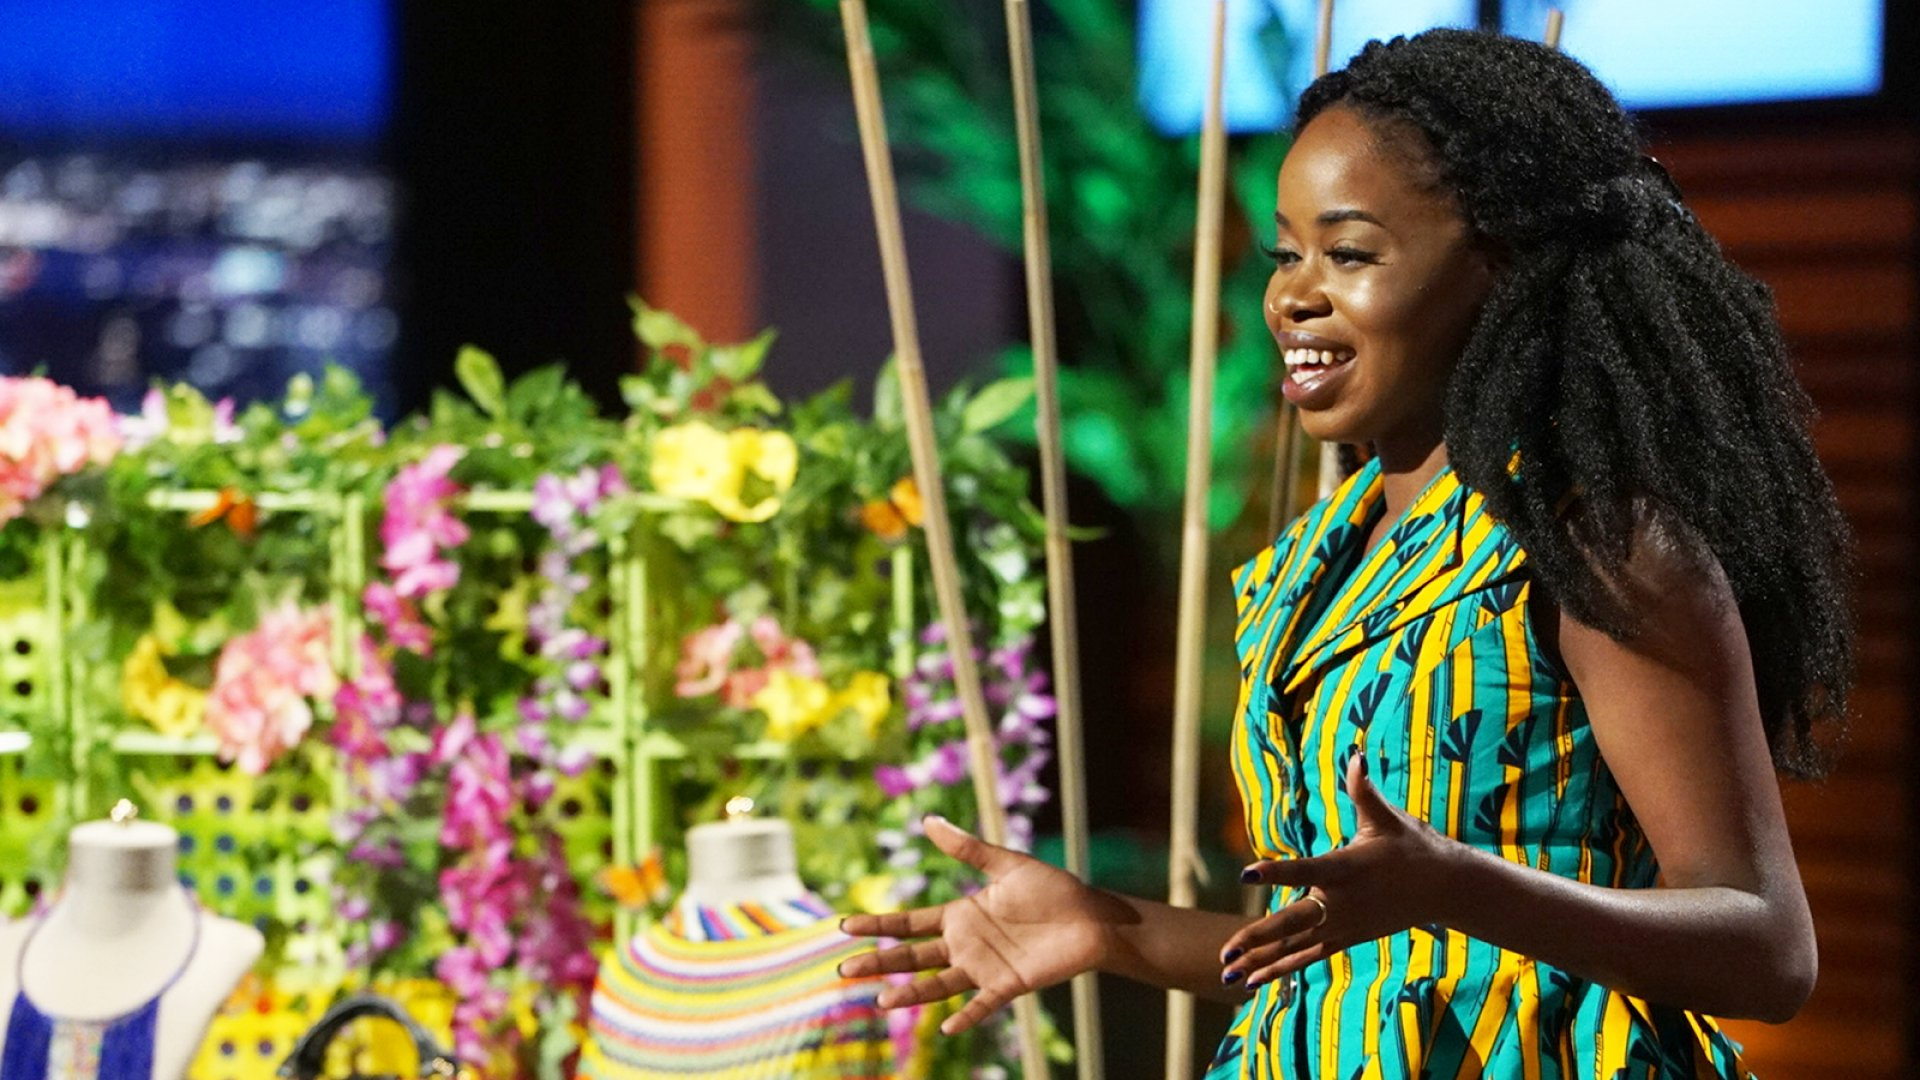 Zuvaa founder Kelechi Anyadiegwu.